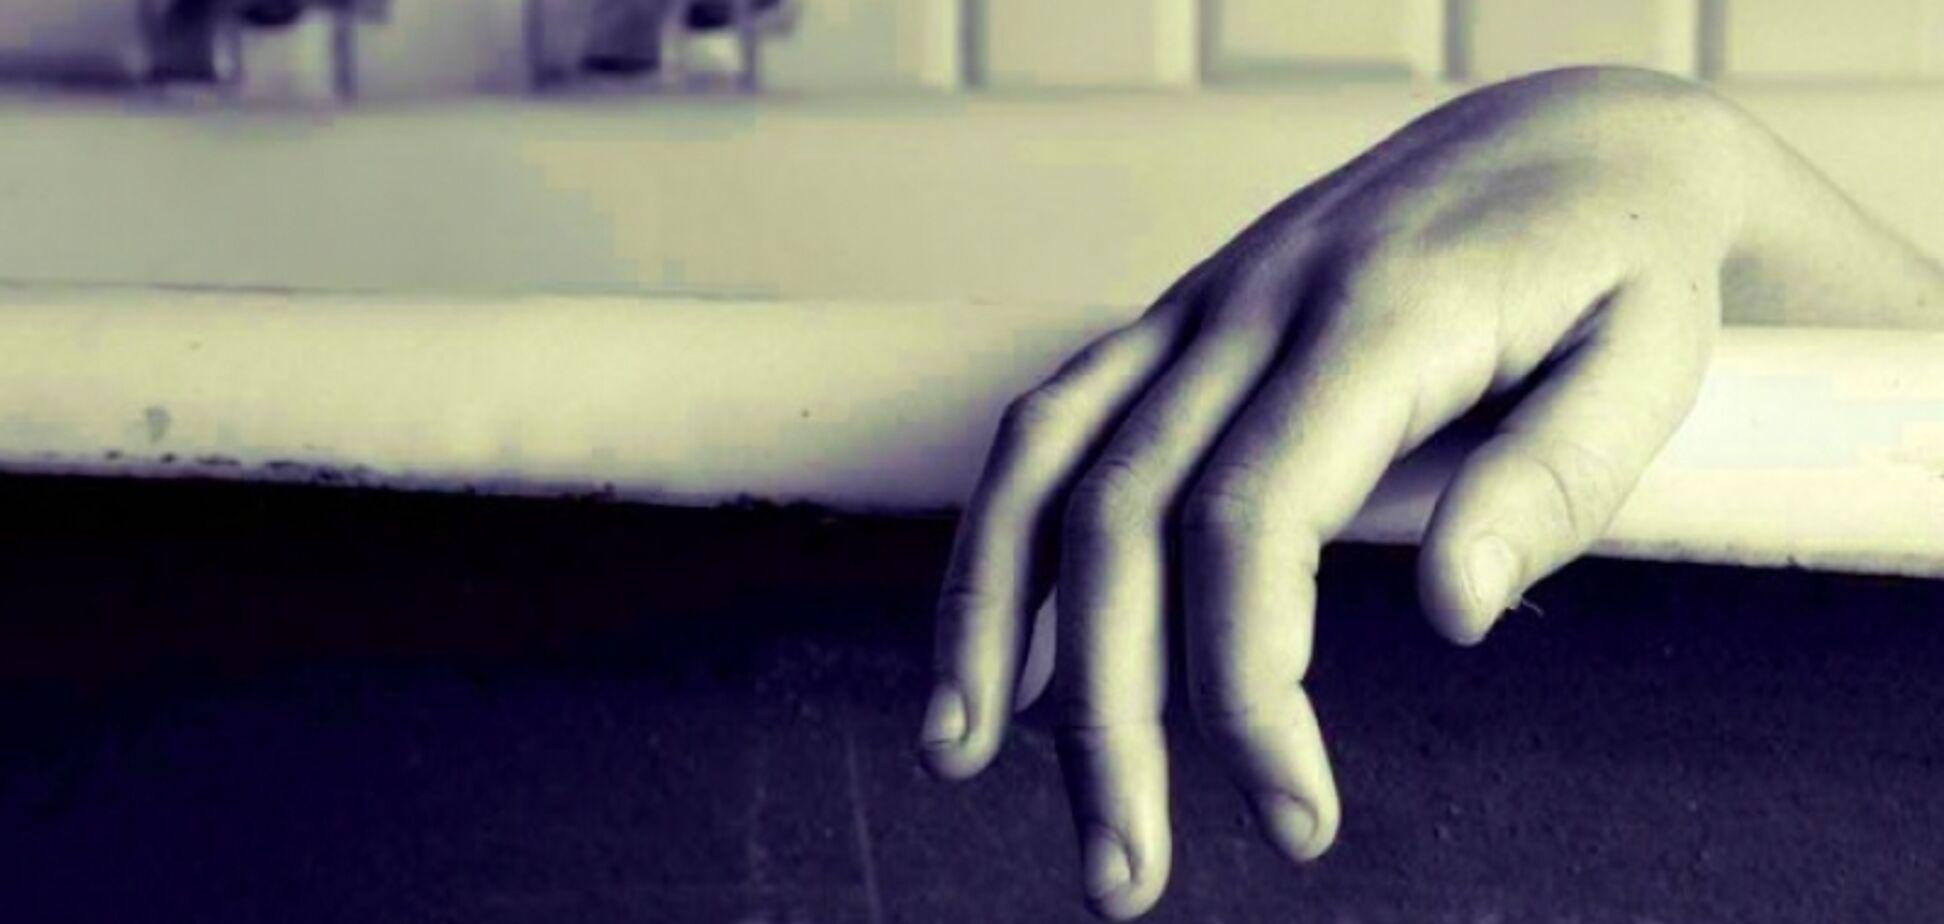 Тіло знайшли у ванній: у Москві за загадкових обставин померла українка